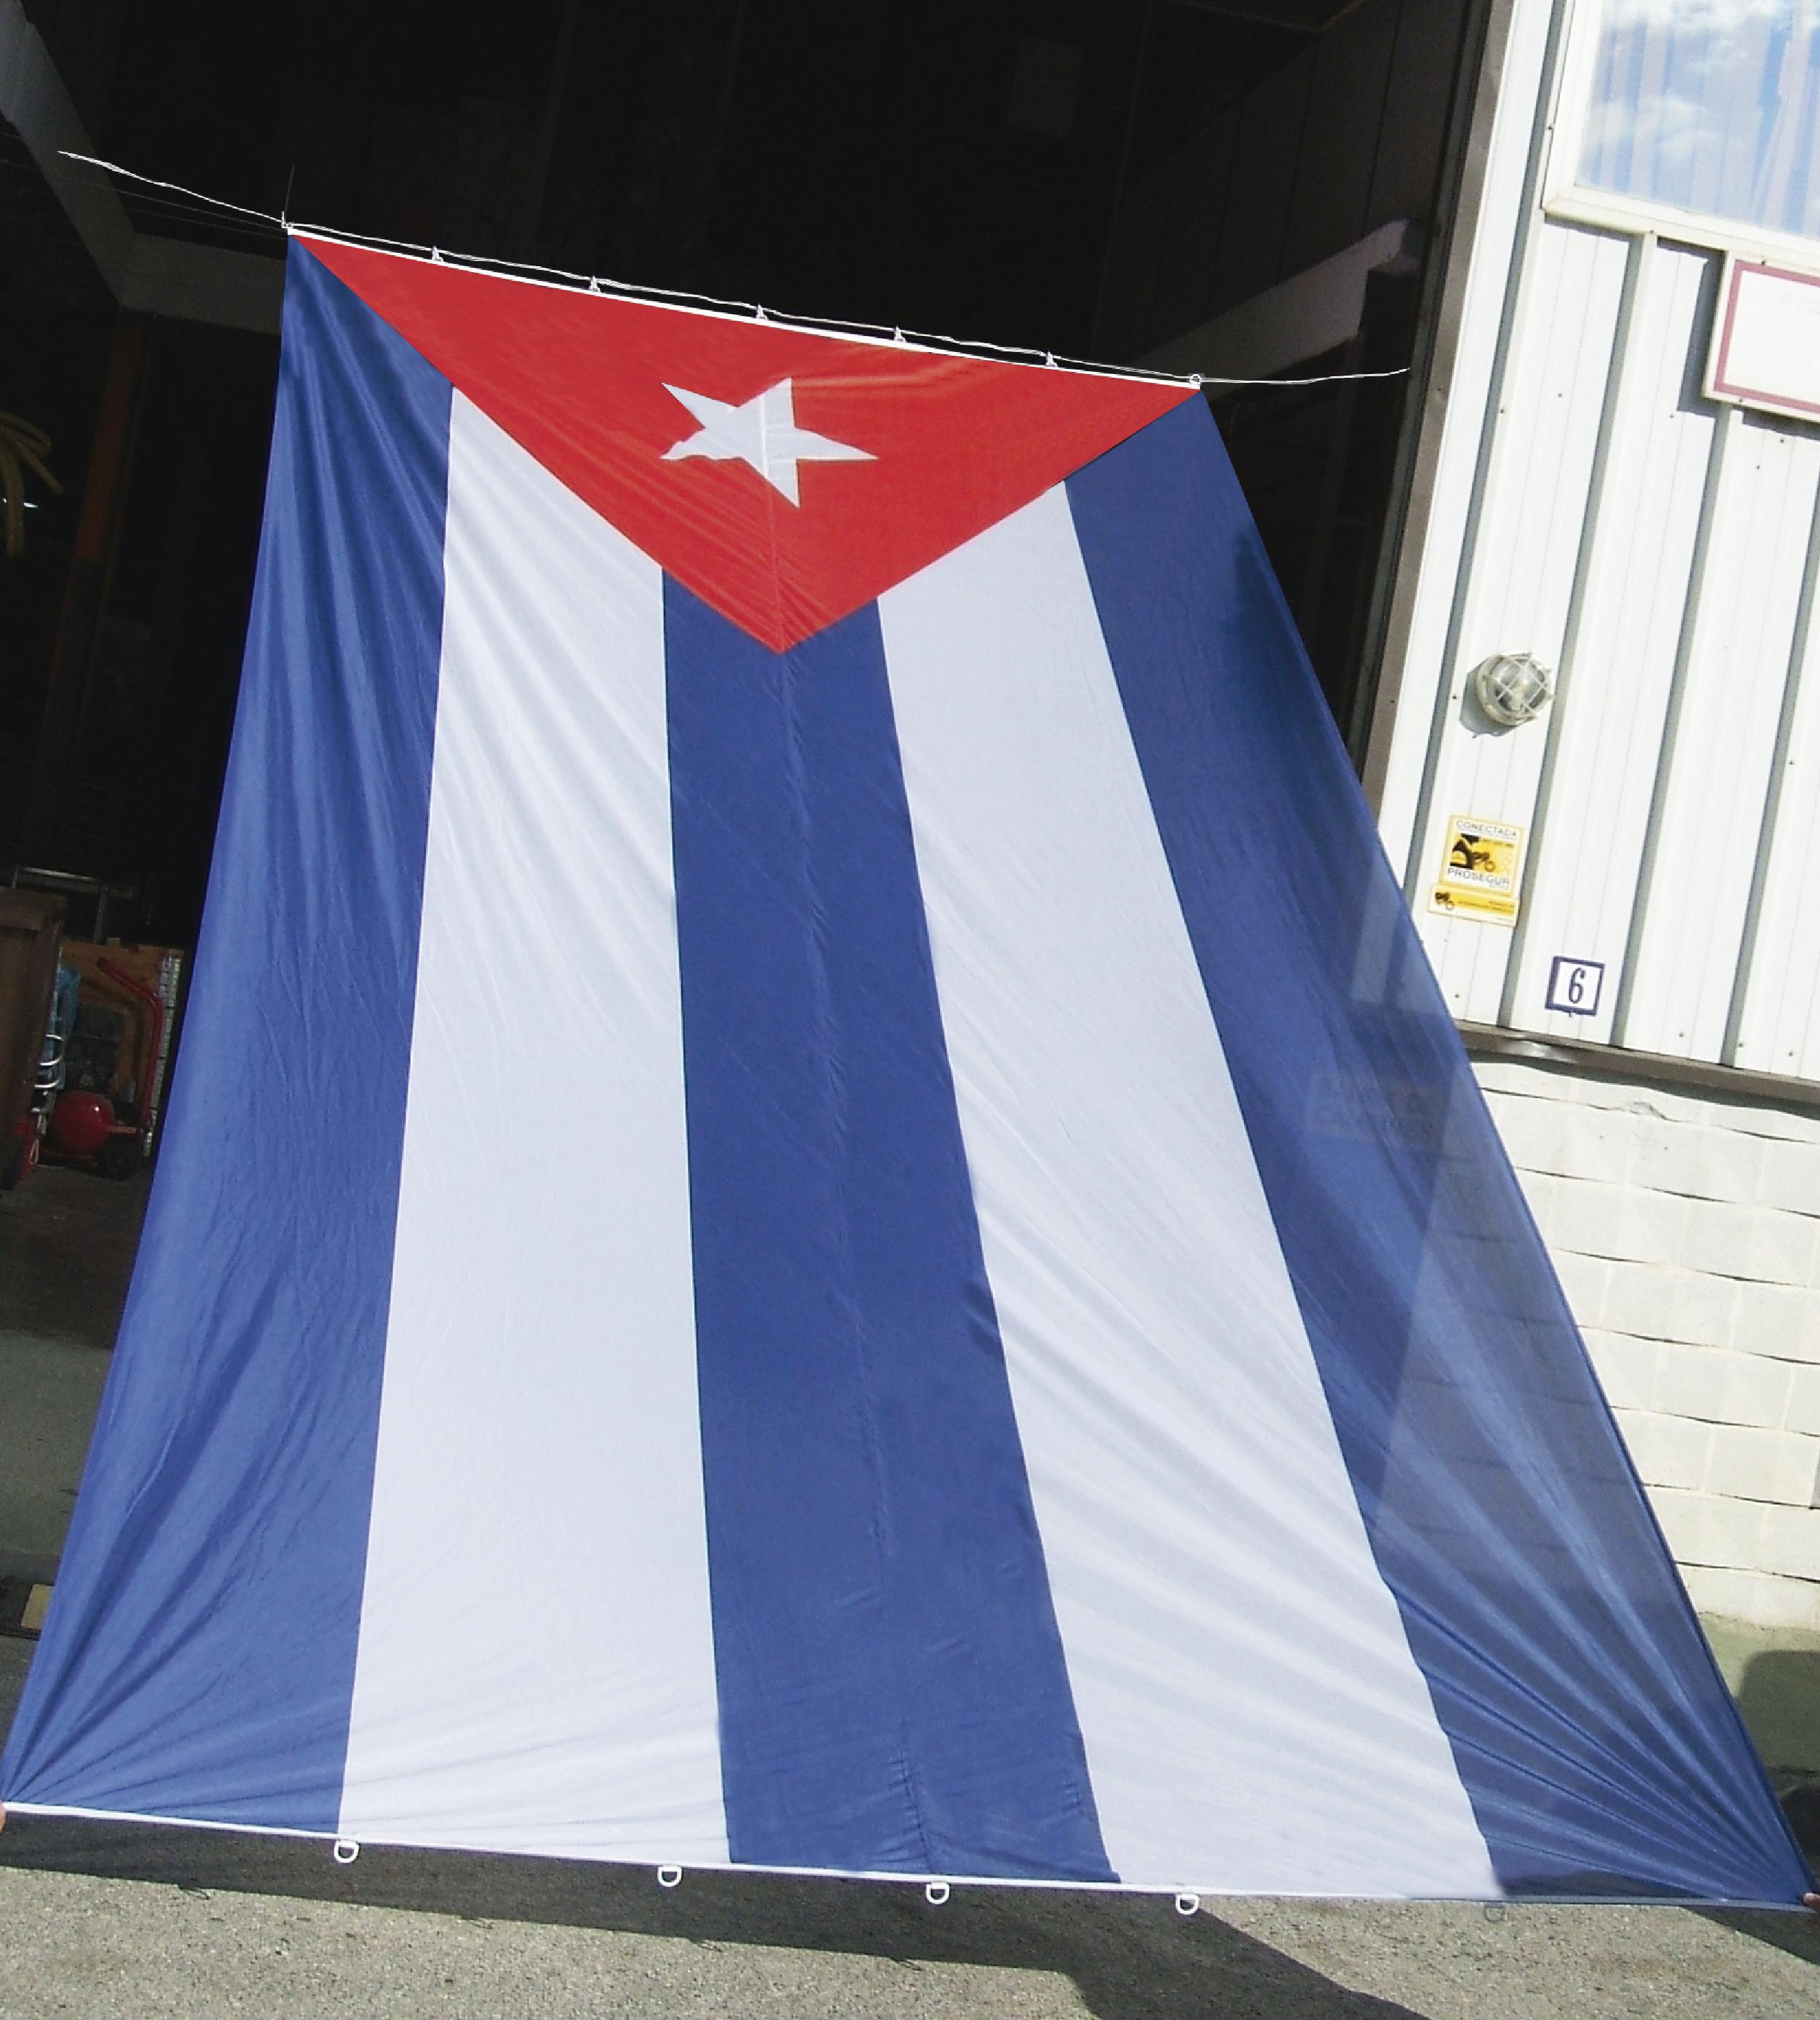 Banderas de gran tama o banderas vdk blog - Tamano de baneras ...